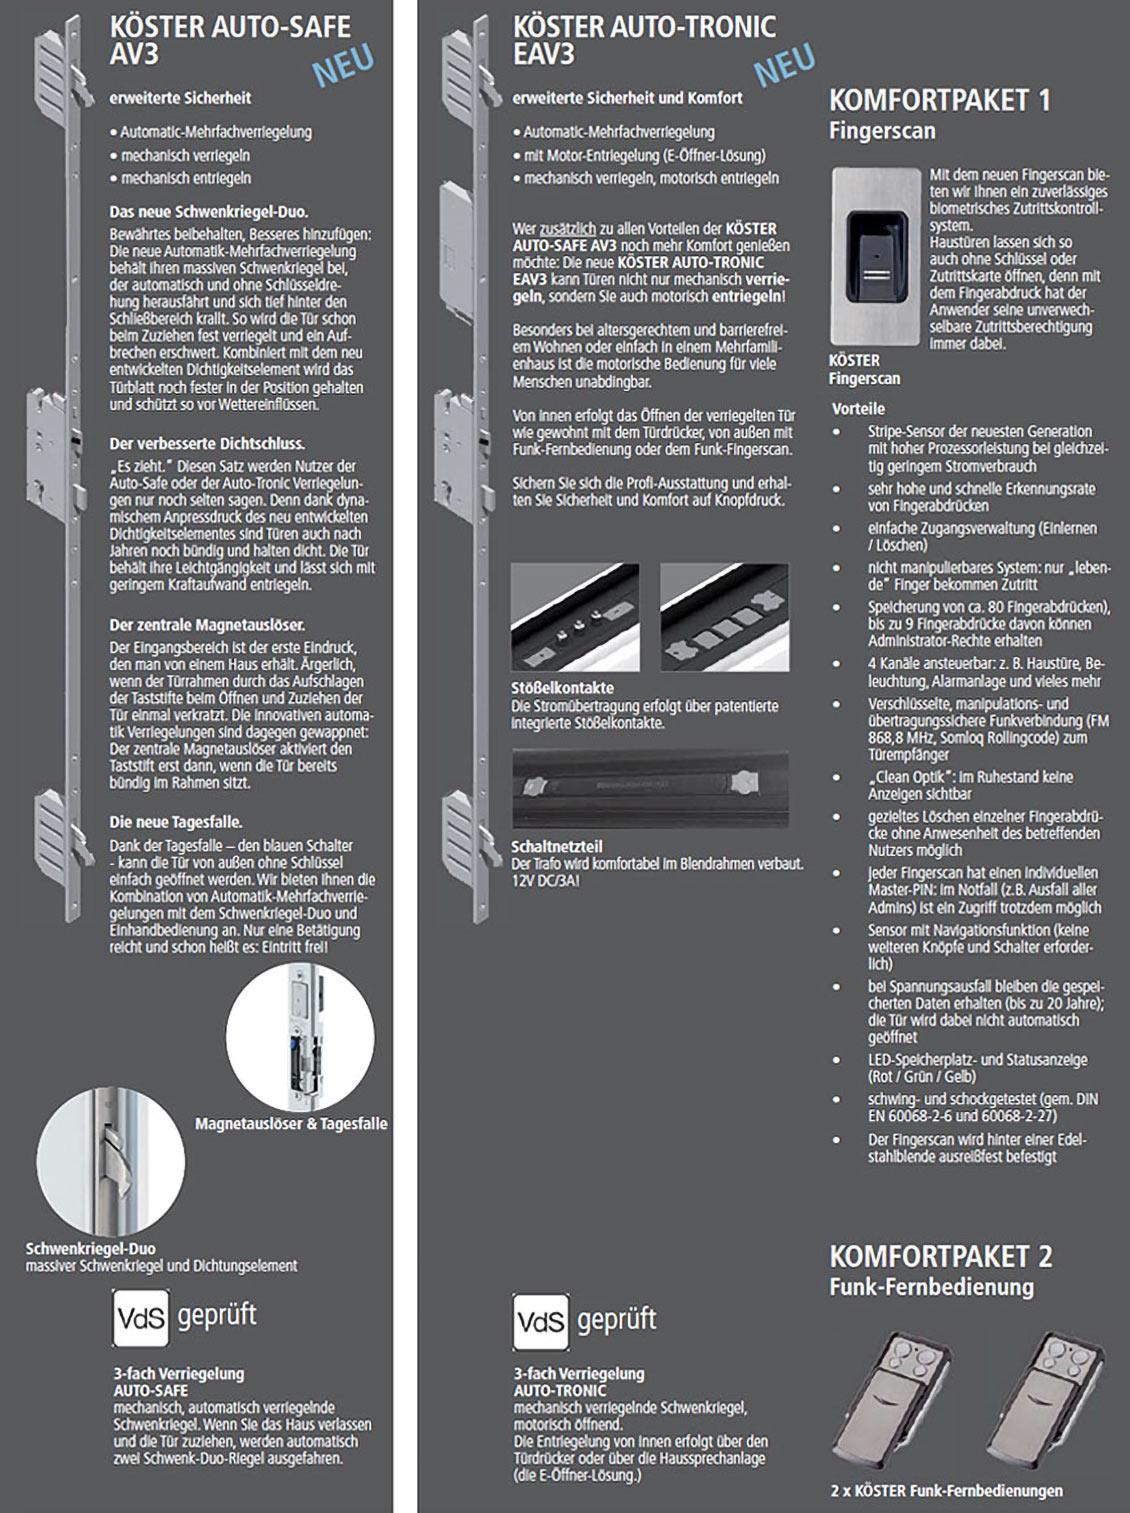 Sicherheitstechnik Köster AUTO-SAFE, Auto-Tronic und Multi-Tonic